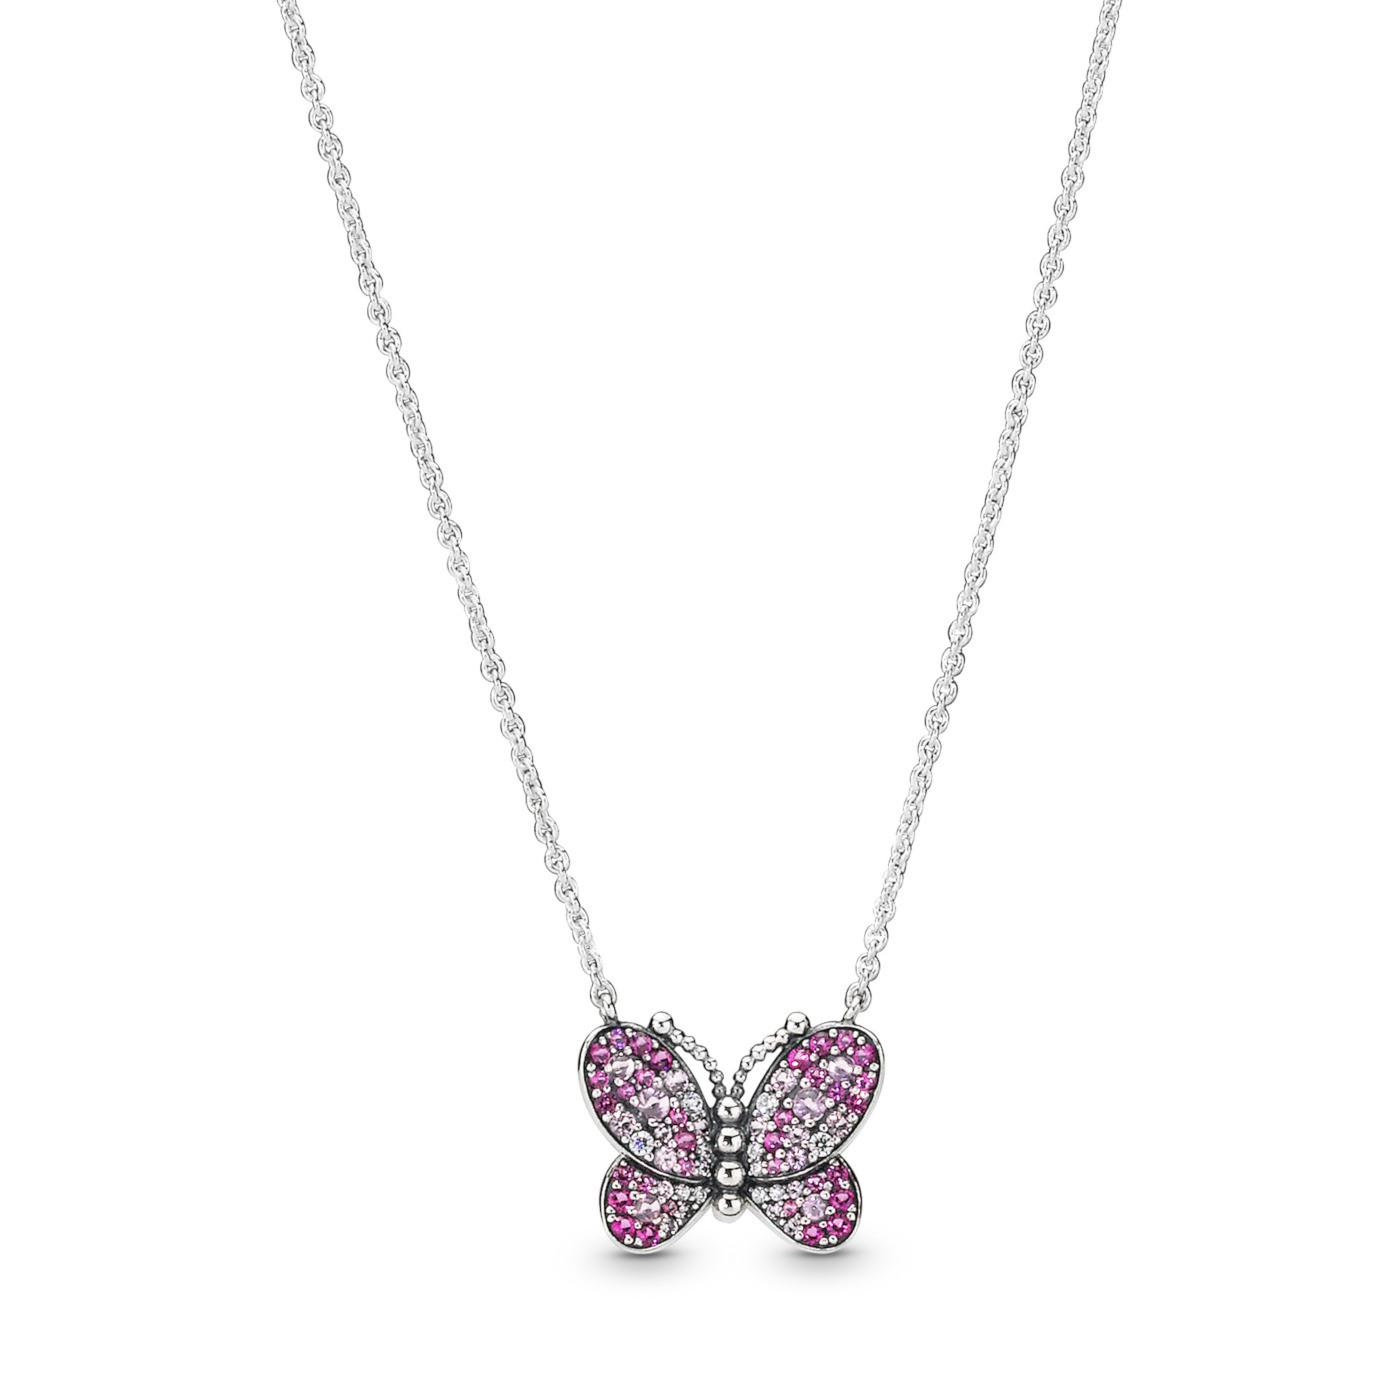 Pandora Stories 925 Sterling Zilveren Butterfly Ketting 397931NCCMX-50 (Lengte: 50.00 cm)